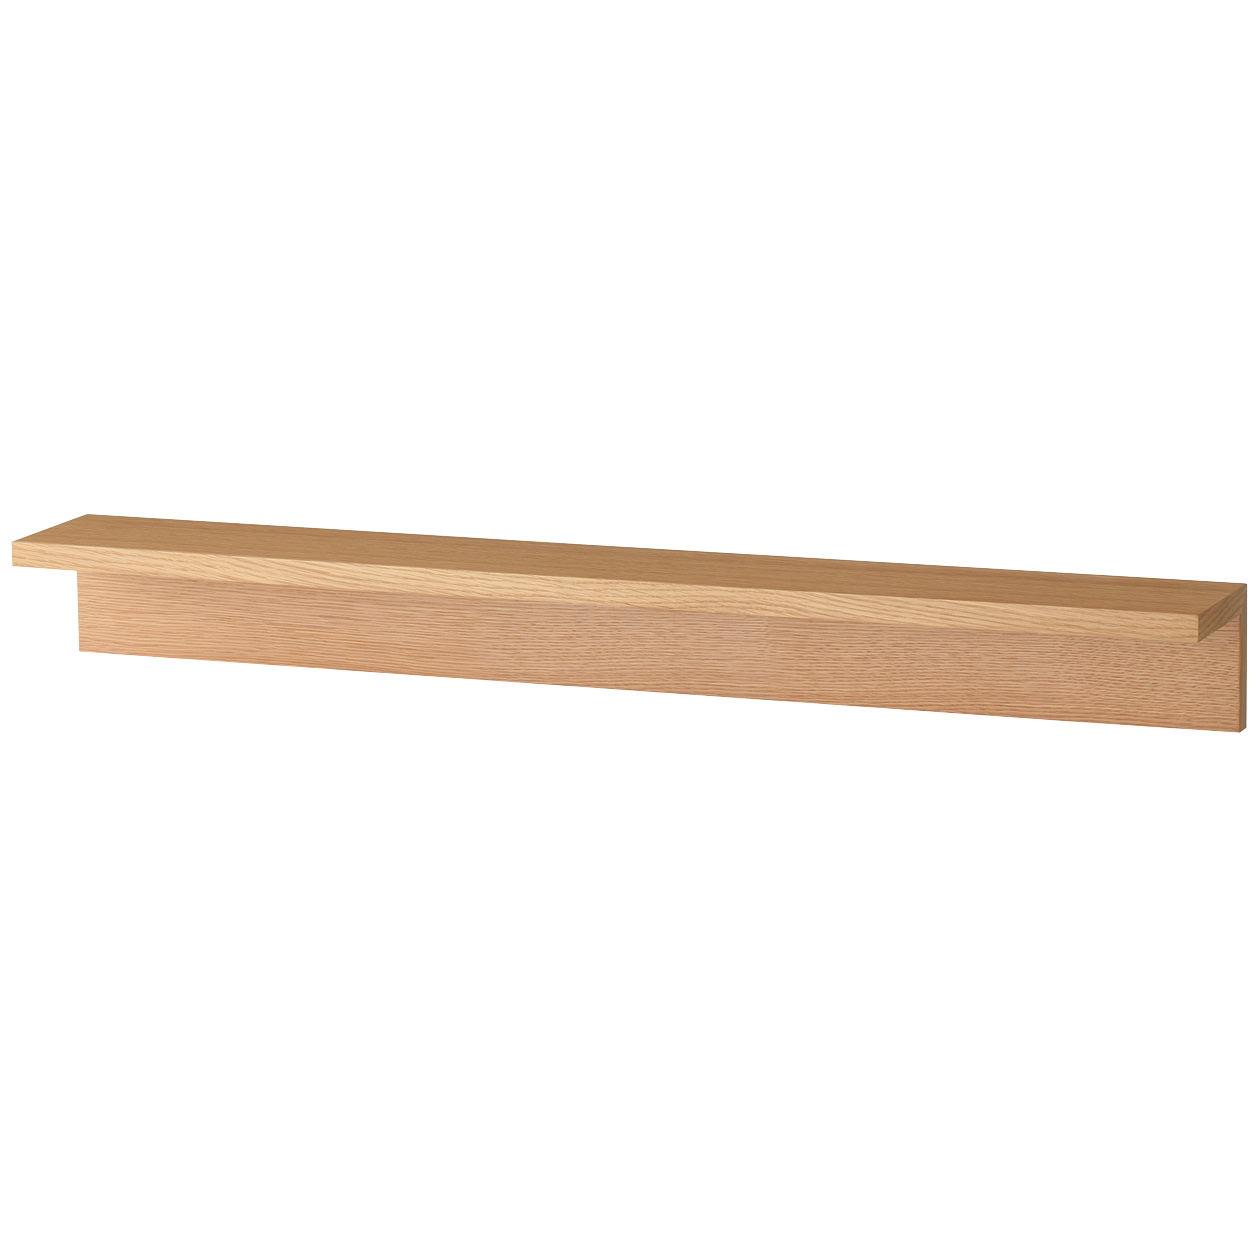 壁に付けられる家具・棚・幅88cm・オーク材 幅88×奥行12×高さ10cm